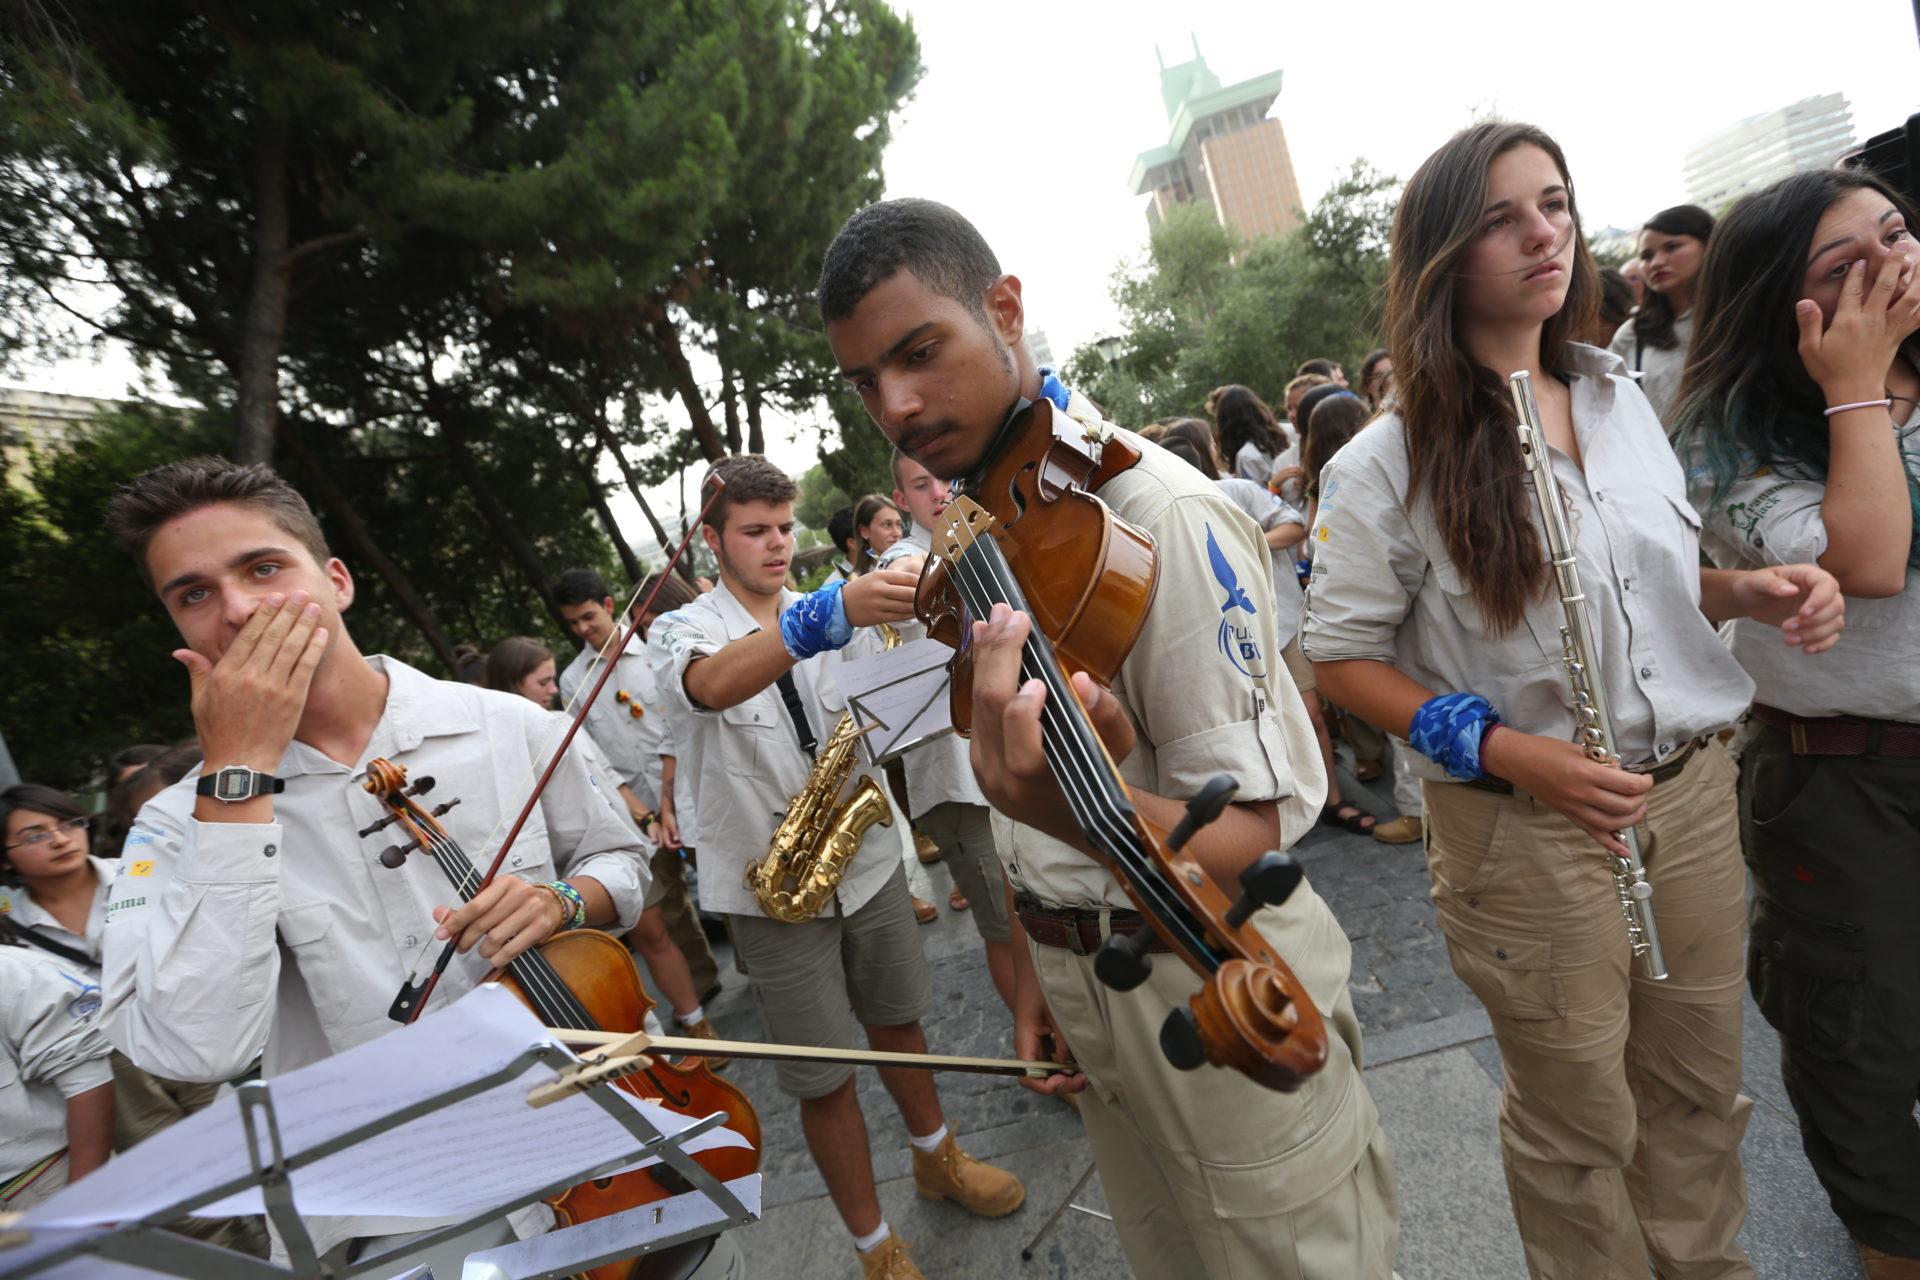 Fotografía: El rutero venezolano Luis Mol de Ruta BBVA 2015 durante un concierto del aula de música de Ruta BBVA